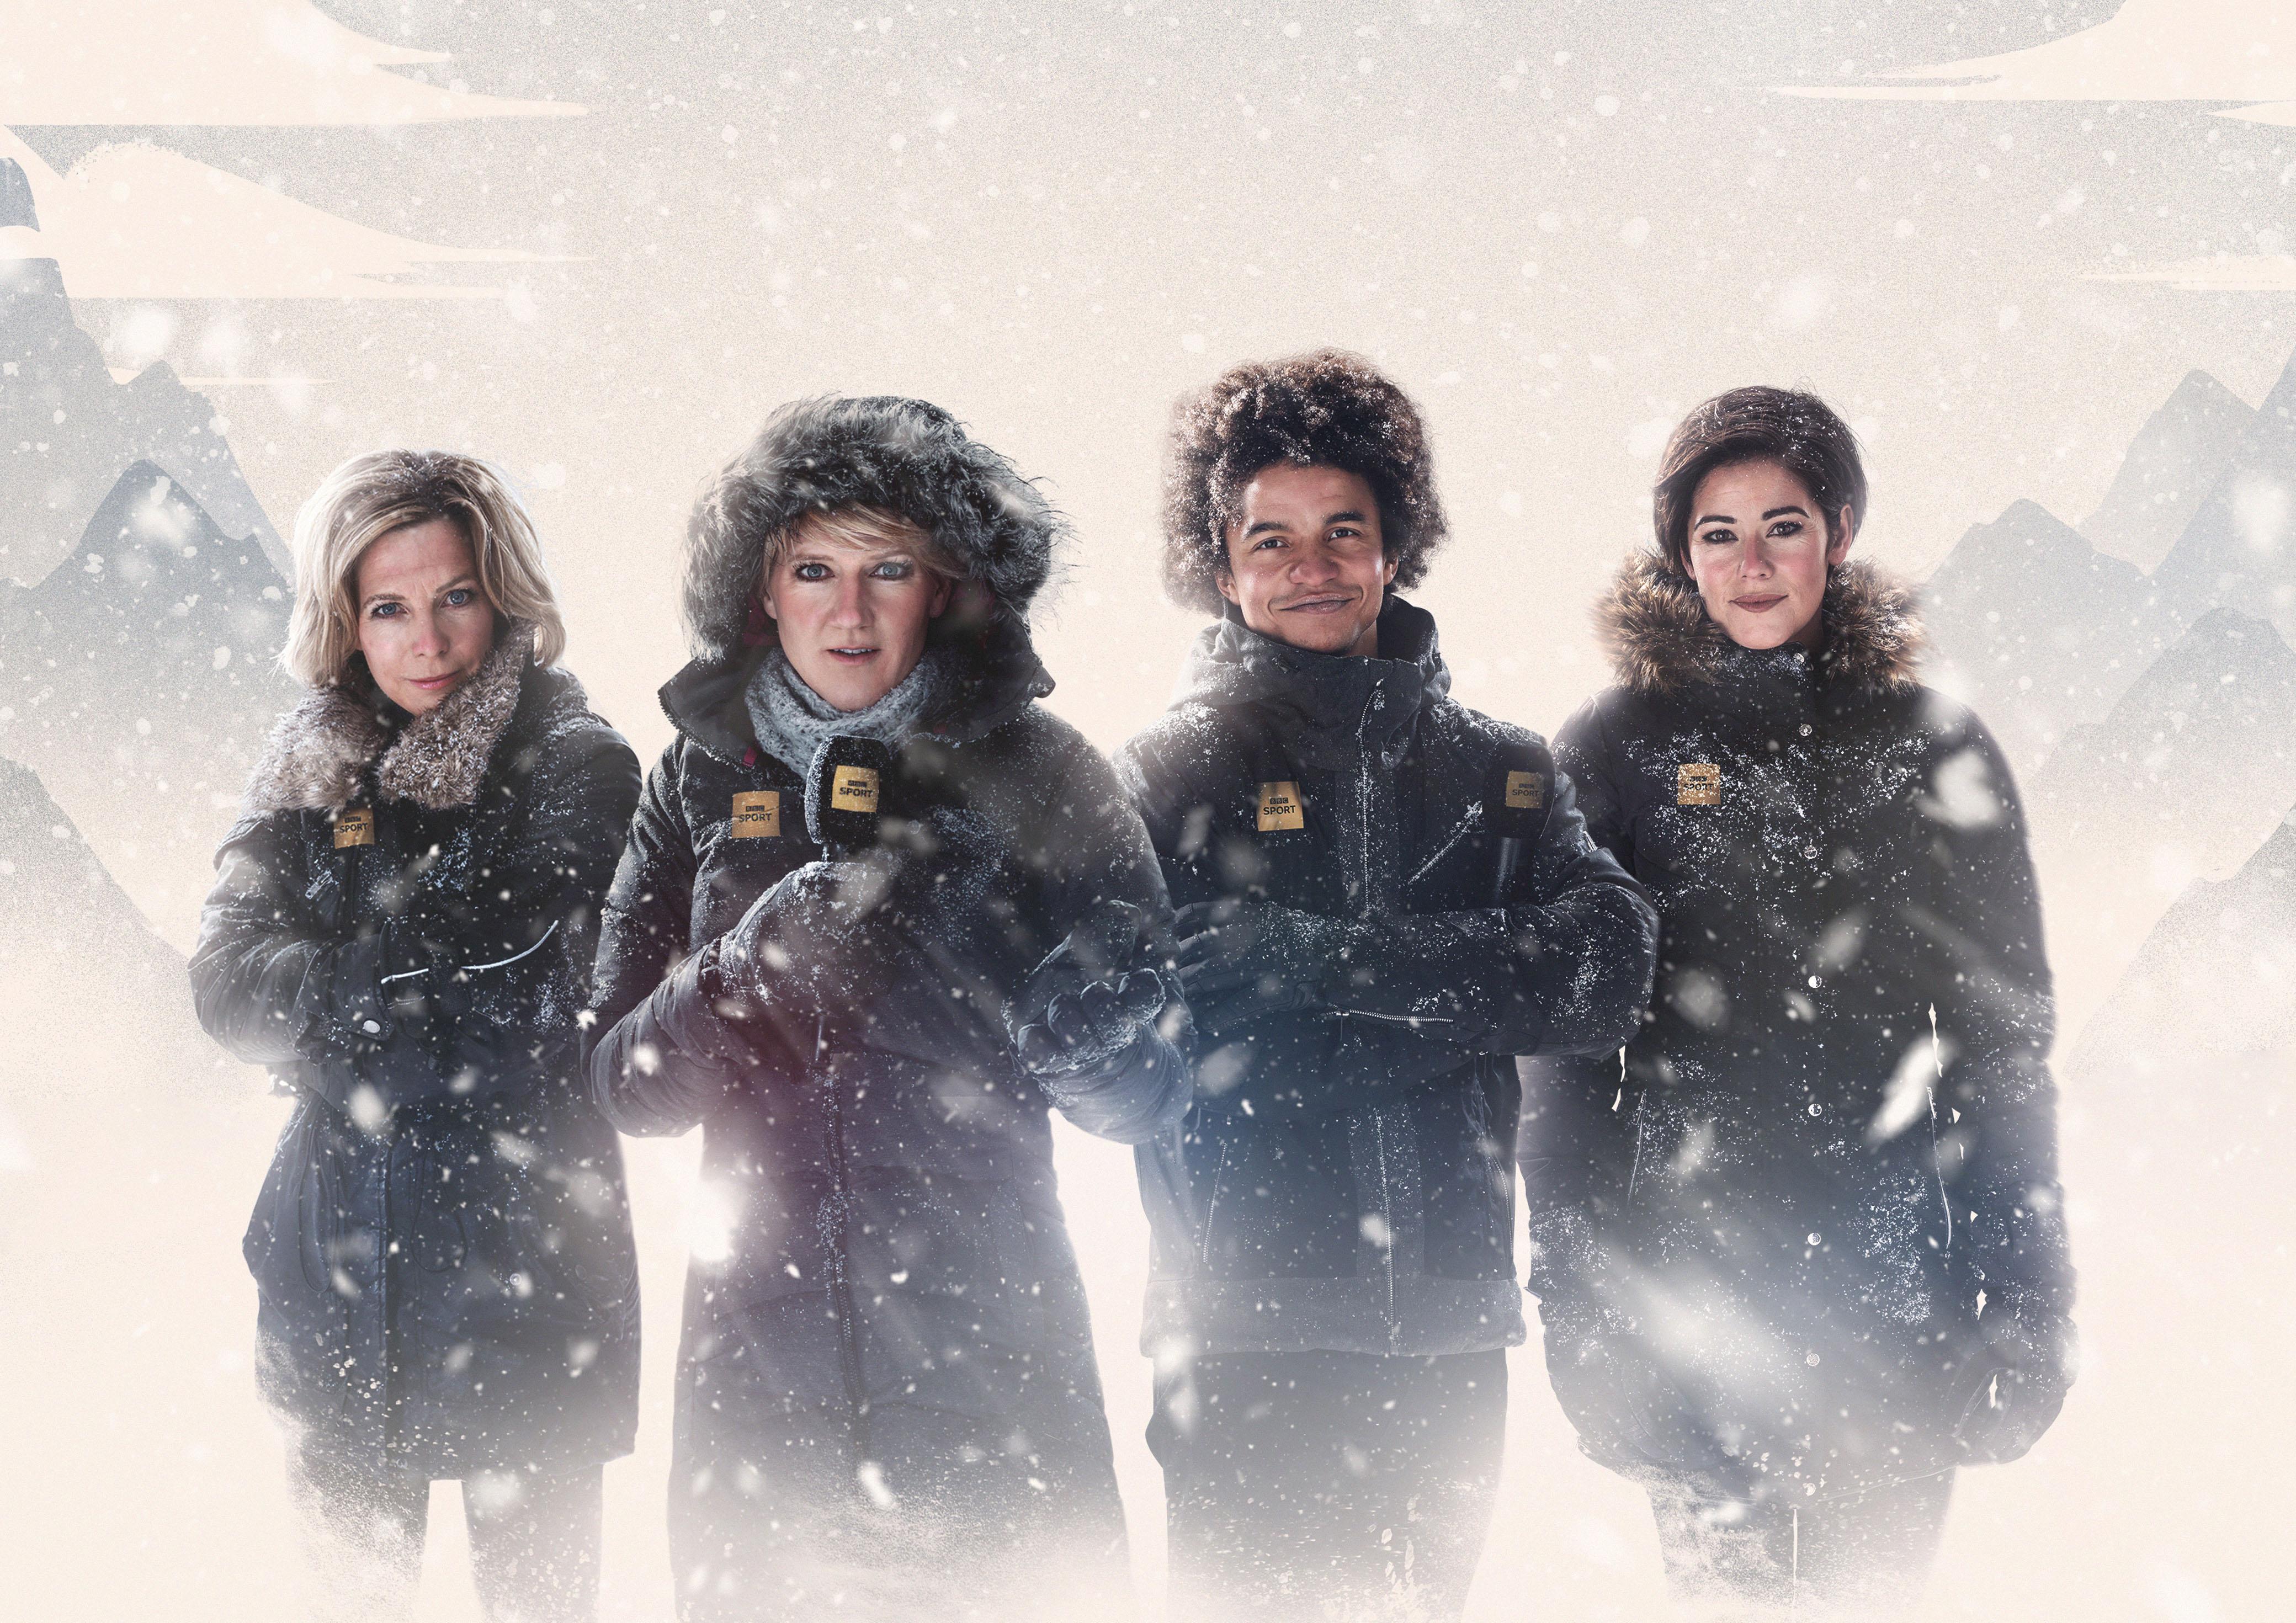 BBC Winter Olympics presenters Hazel Irvine, Clare Balding, Radzi Chinyanganya, Eilidh Barbour